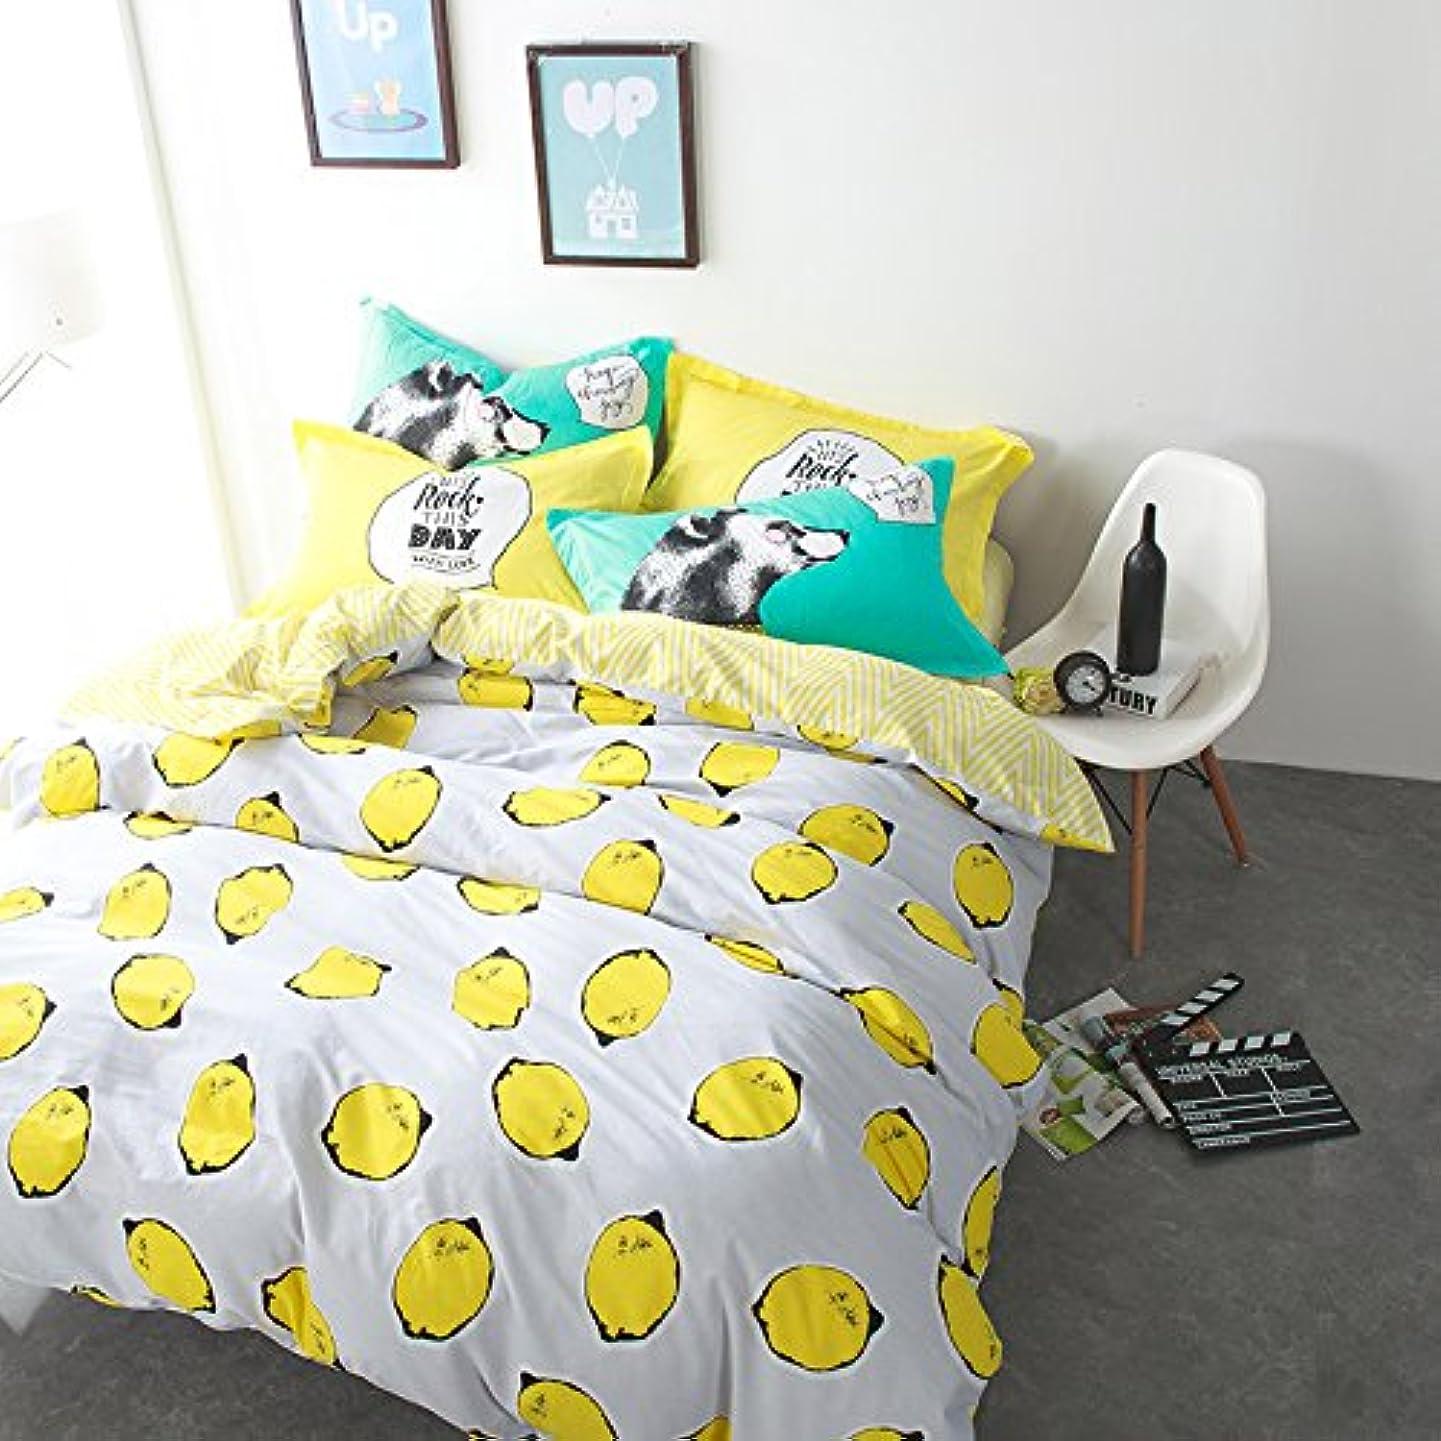 TheFit Paisley Textile Bedding for Adult U1154 Yellow Lemon Duvet Cover Set 100% Cotton 500 Thread Count, Queen Set, 4 Pieces